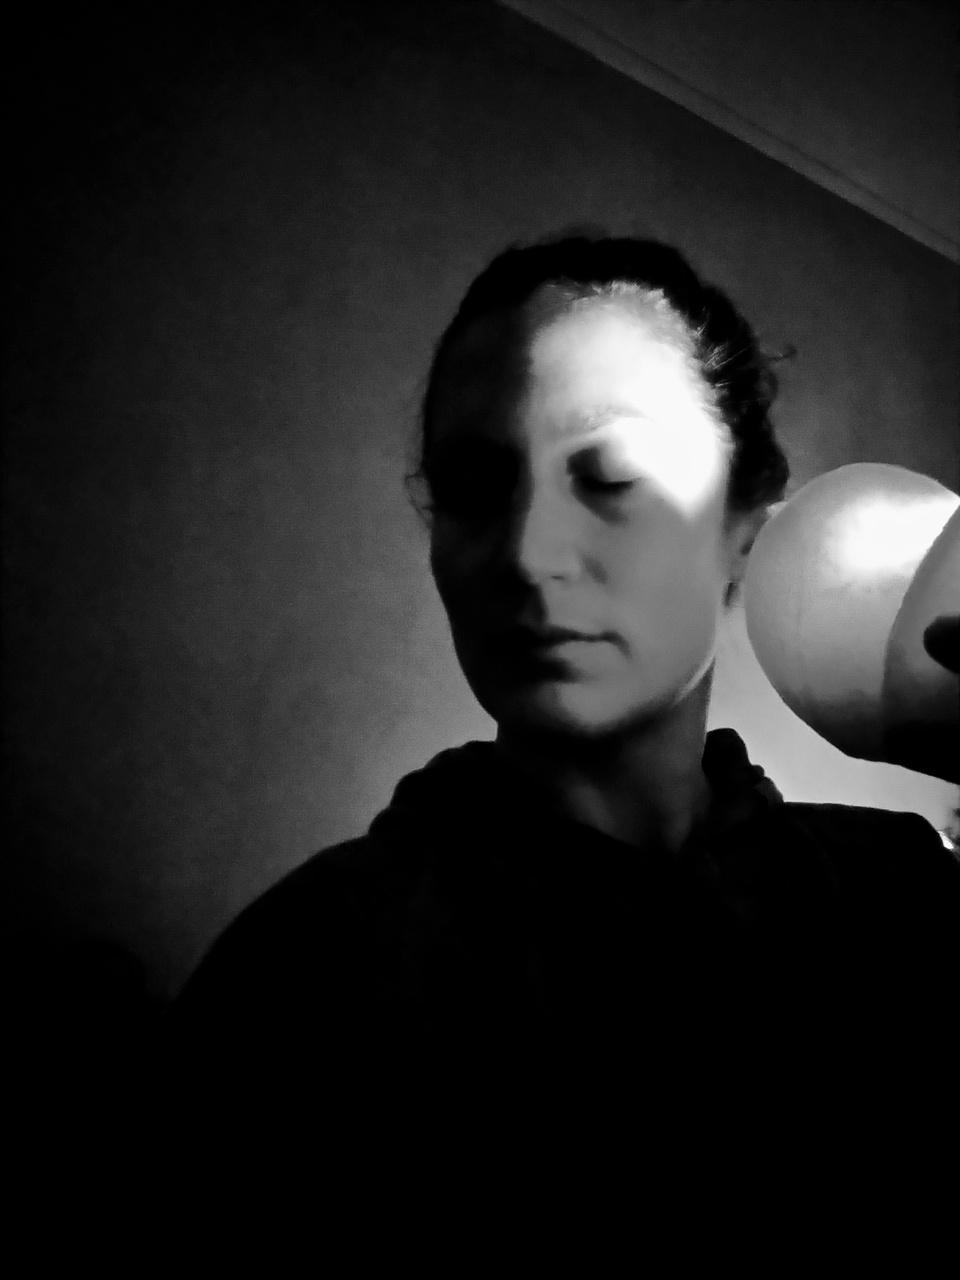 WINNAAR 2 Hiske Kremer ronde kaars, hoekig licht.jpg